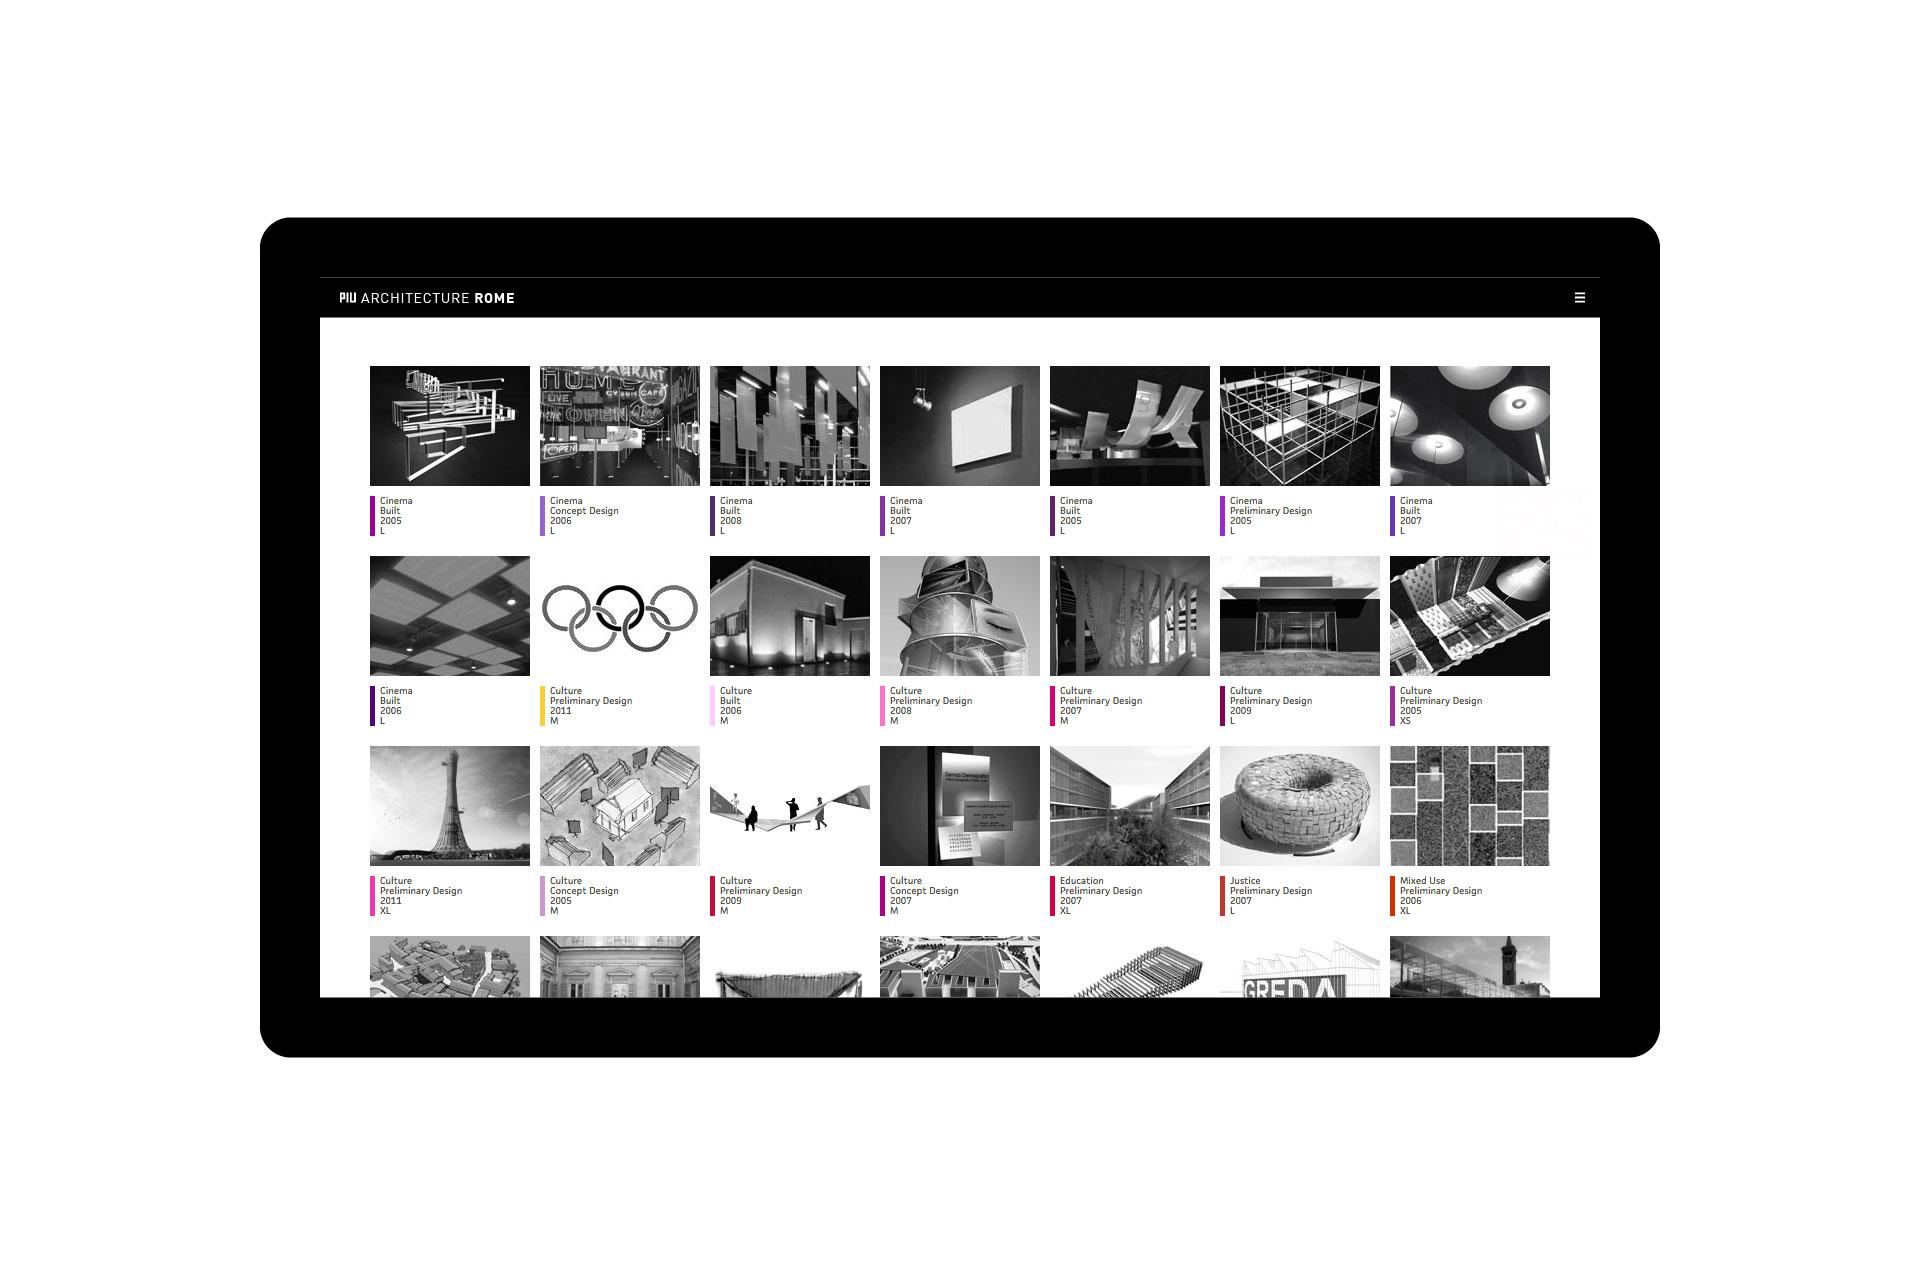 PIU Architecture Rome Website